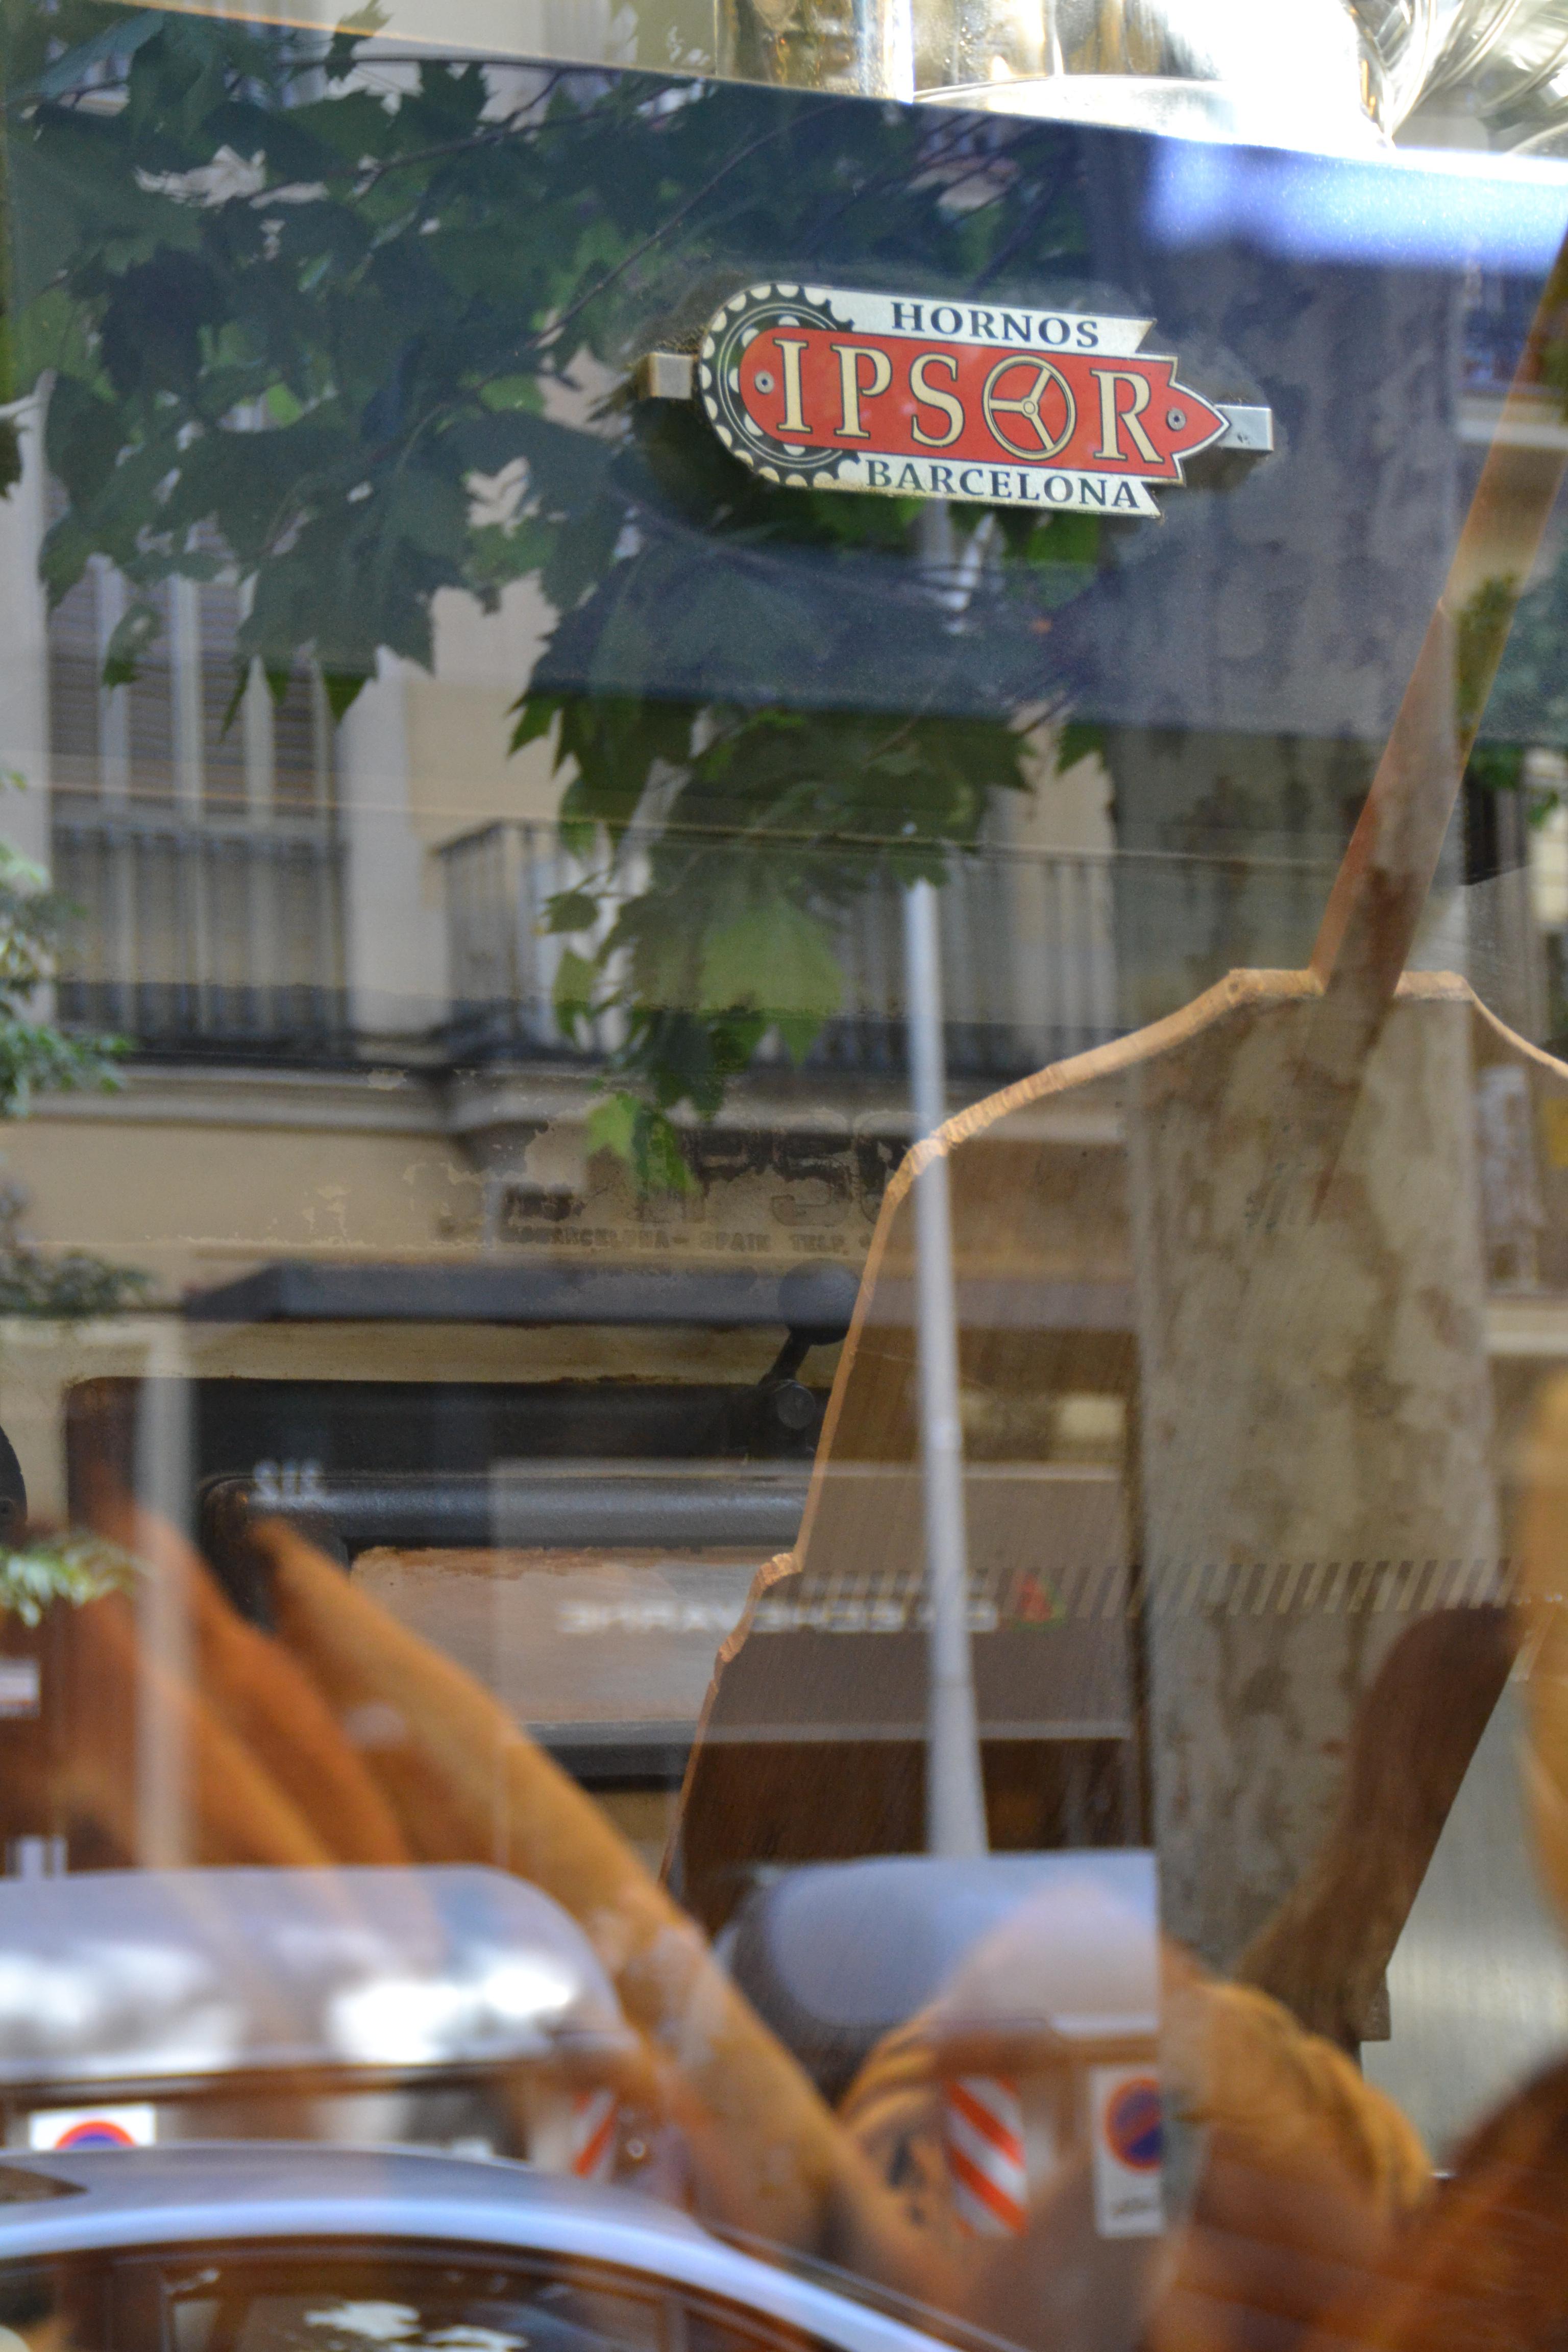 Hornos De Lea Para Pan Horno De Lea Para Pizza E Pan Ucmaximusud